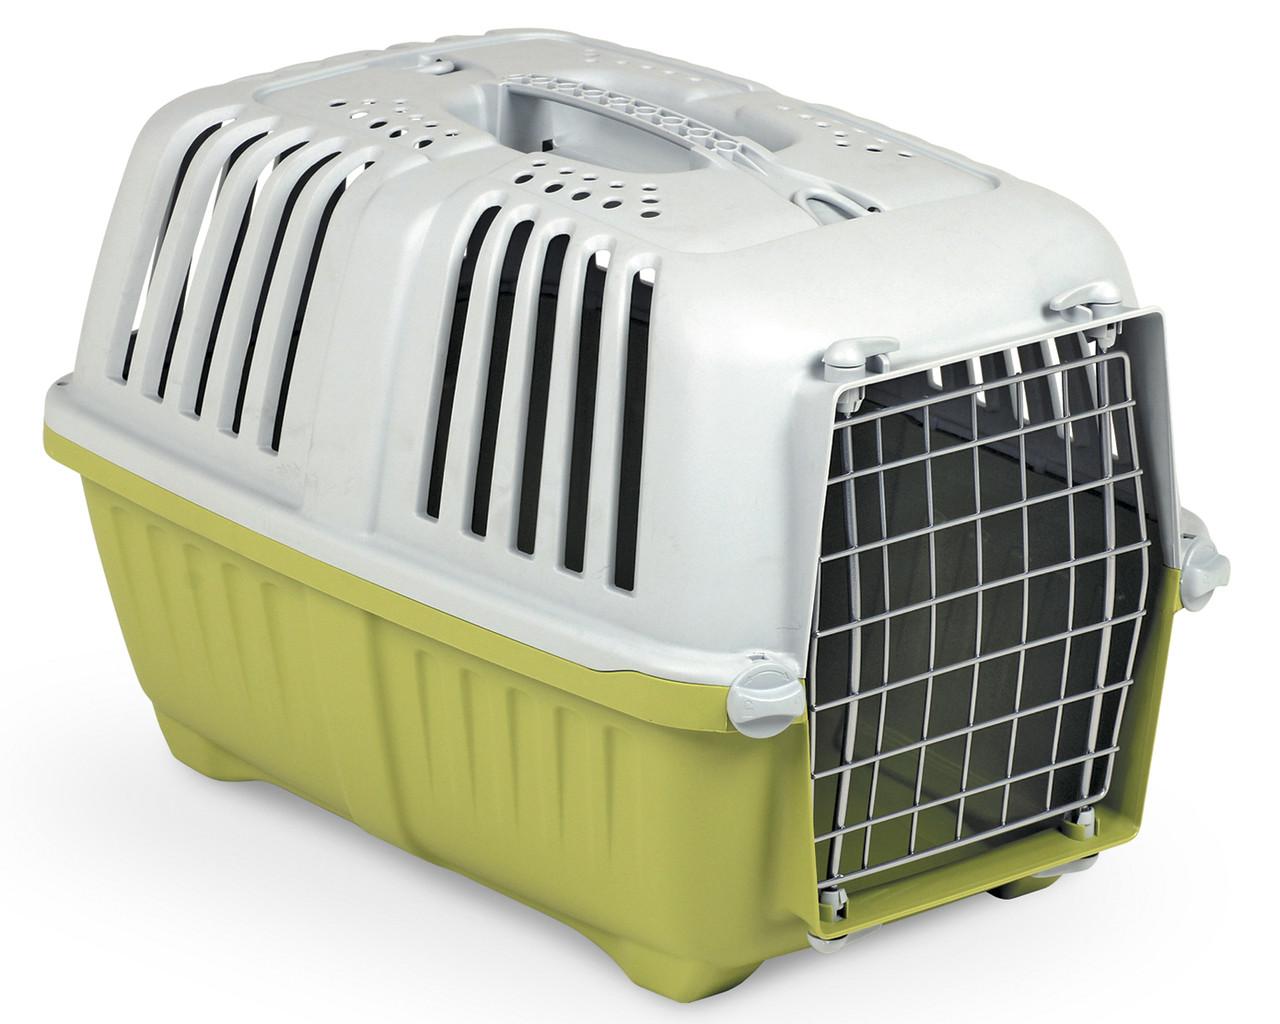 Переноска для животных 55*36*36 см MPS PRATIKO 2 Green. Дверь металлическая